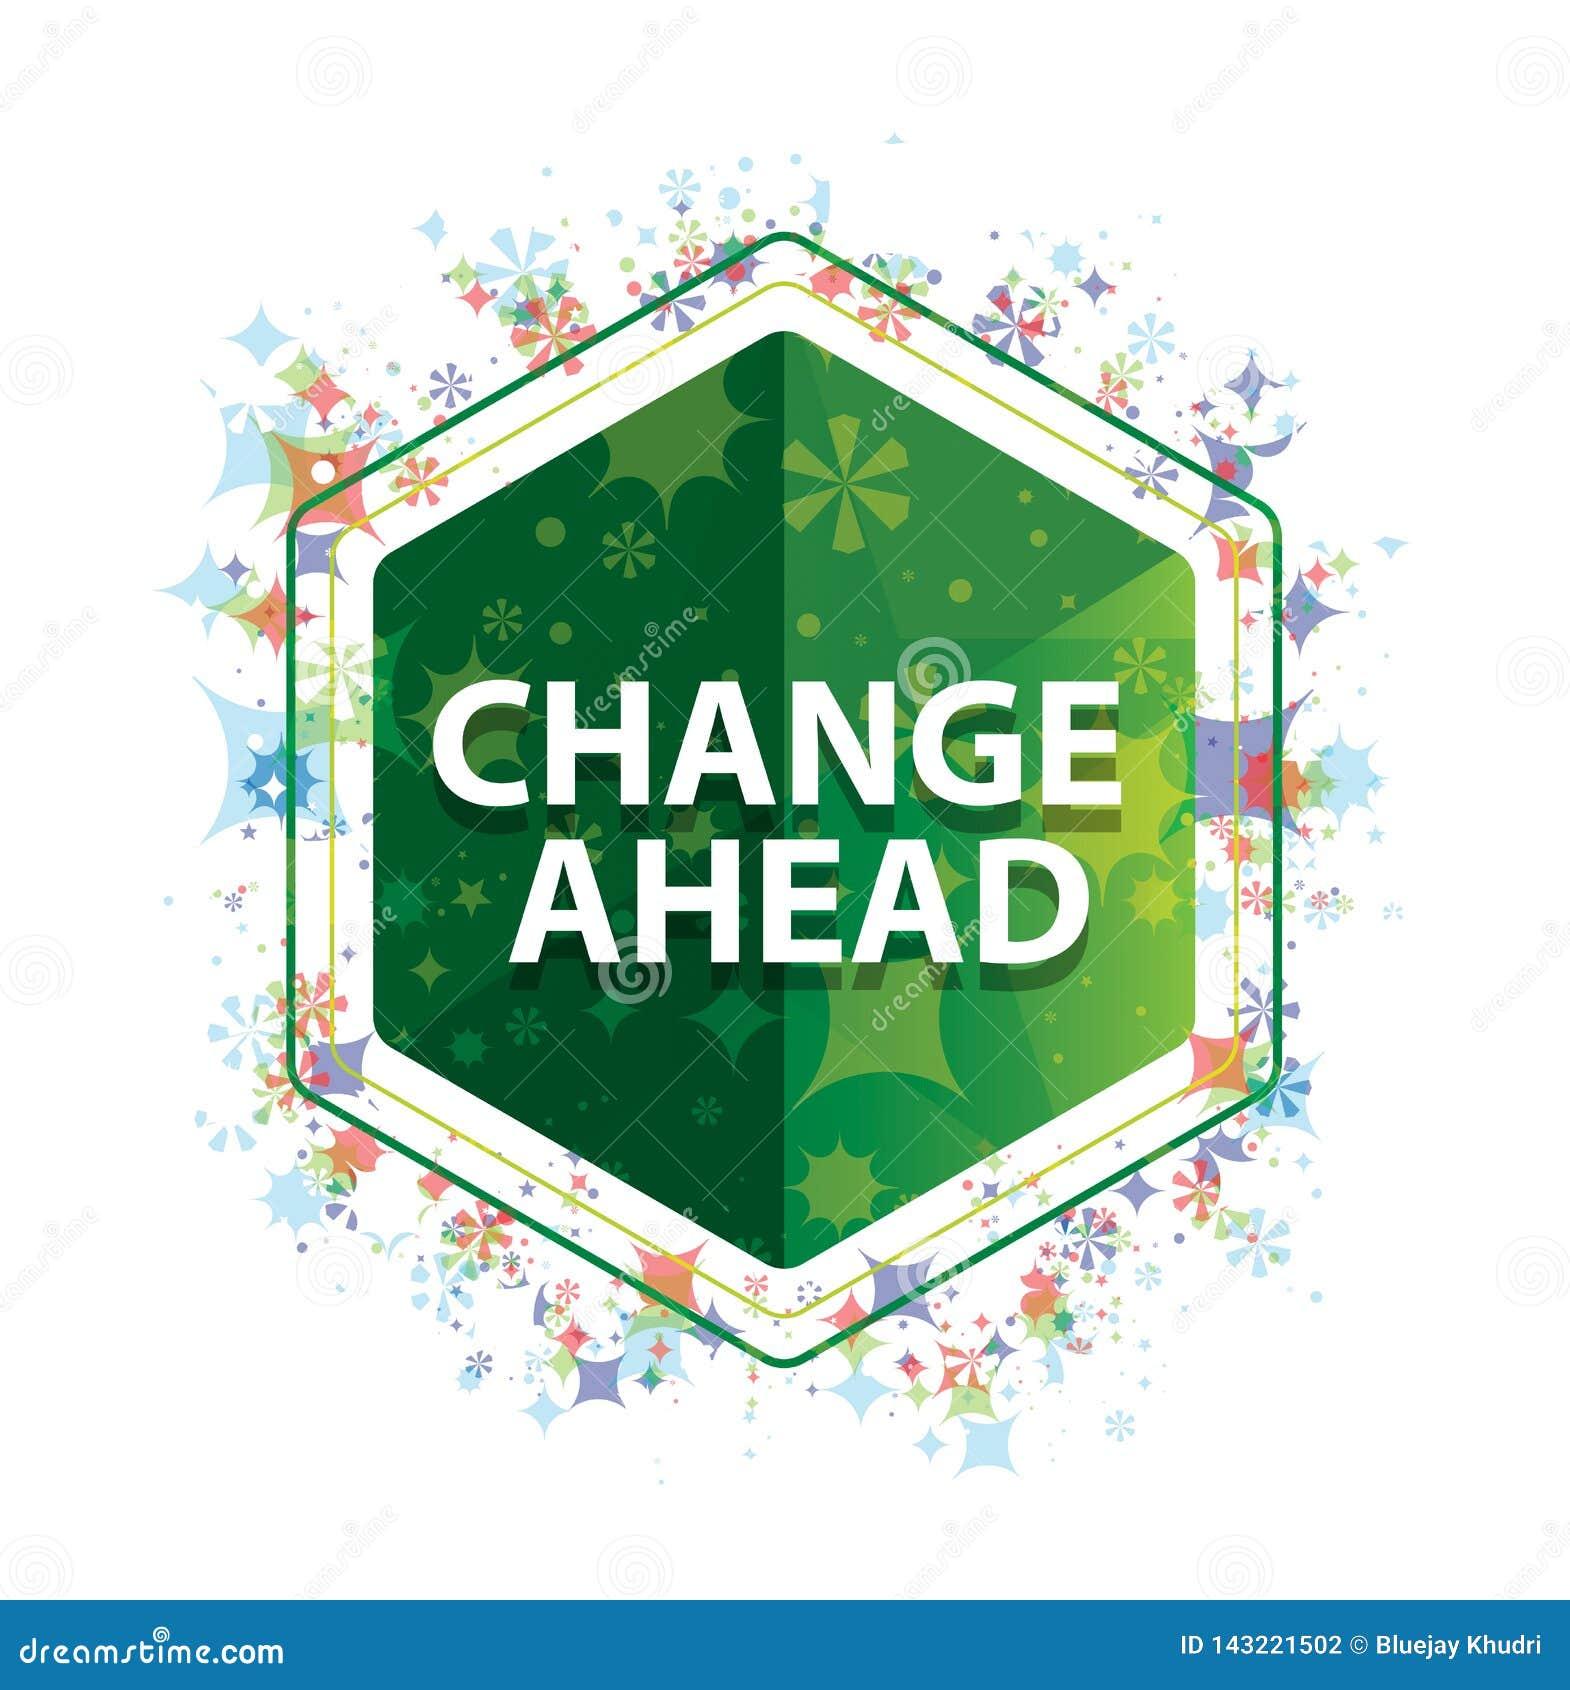 Πράσινο hexagon κουμπί σχεδίων εγκαταστάσεων αλλαγής μπροστά floral